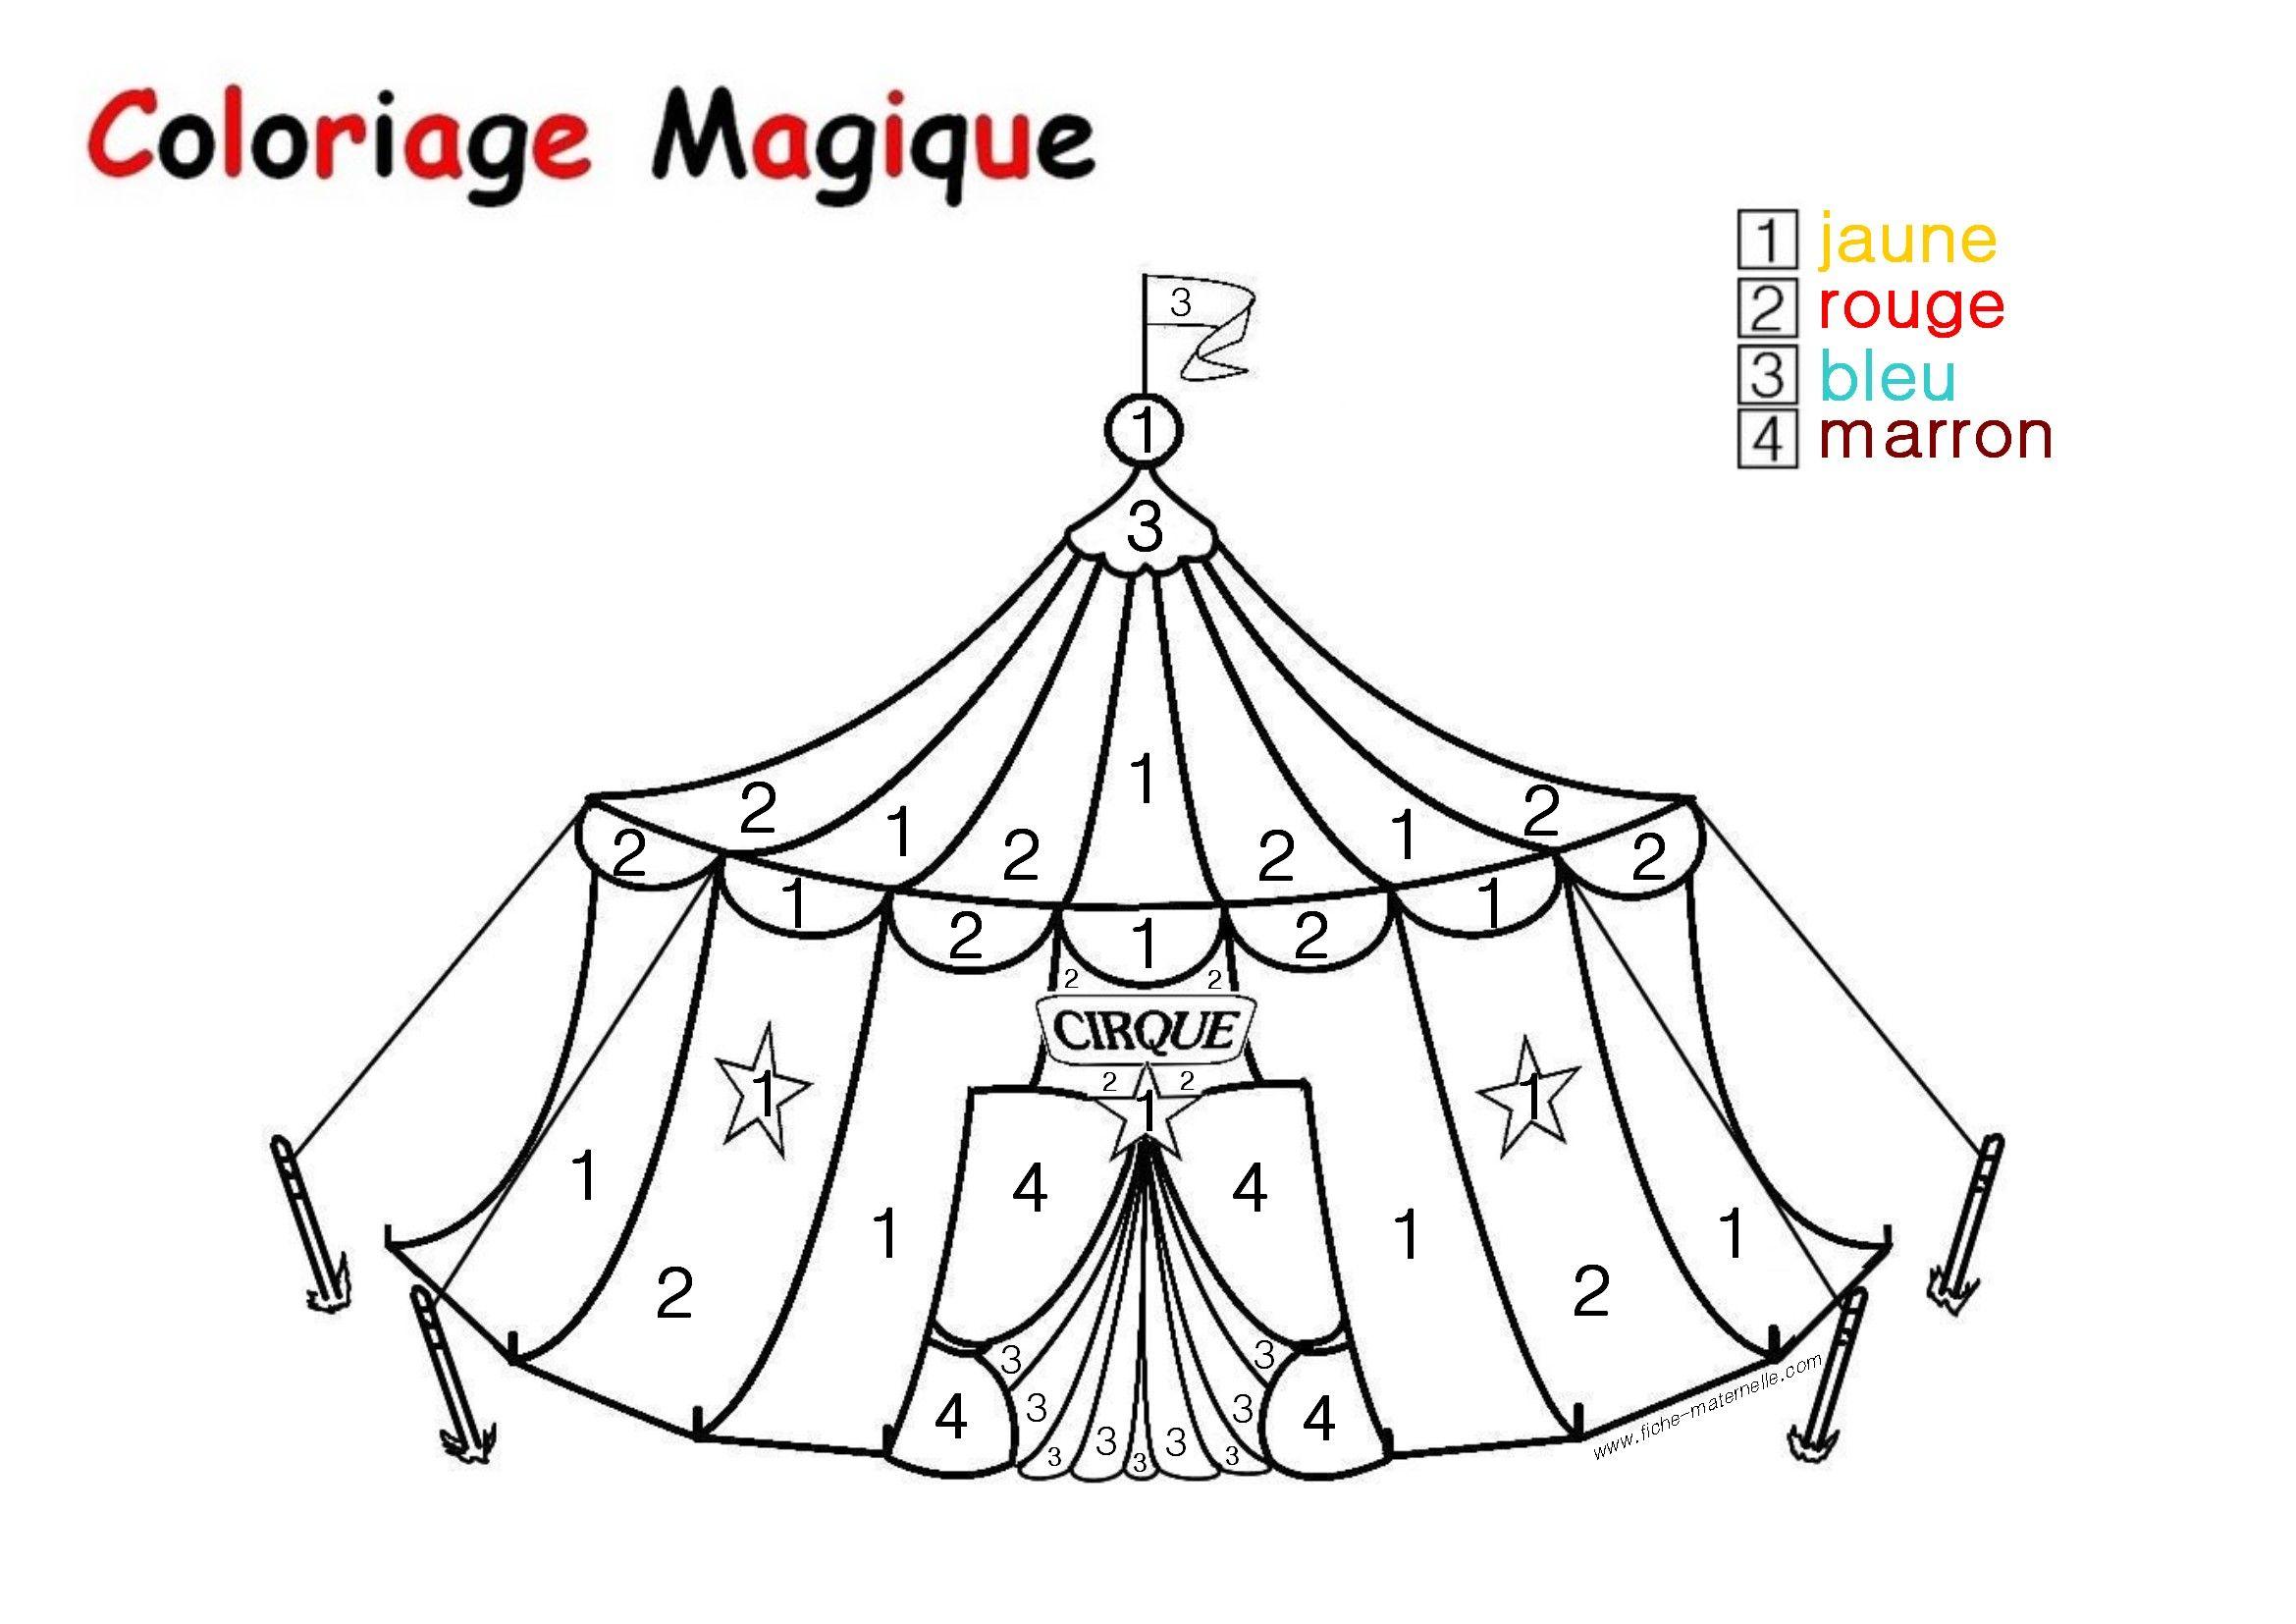 Coloriage magique pour les plus petits un chapiteau cirque zirkus et kinder - Dessin pour les petit ...